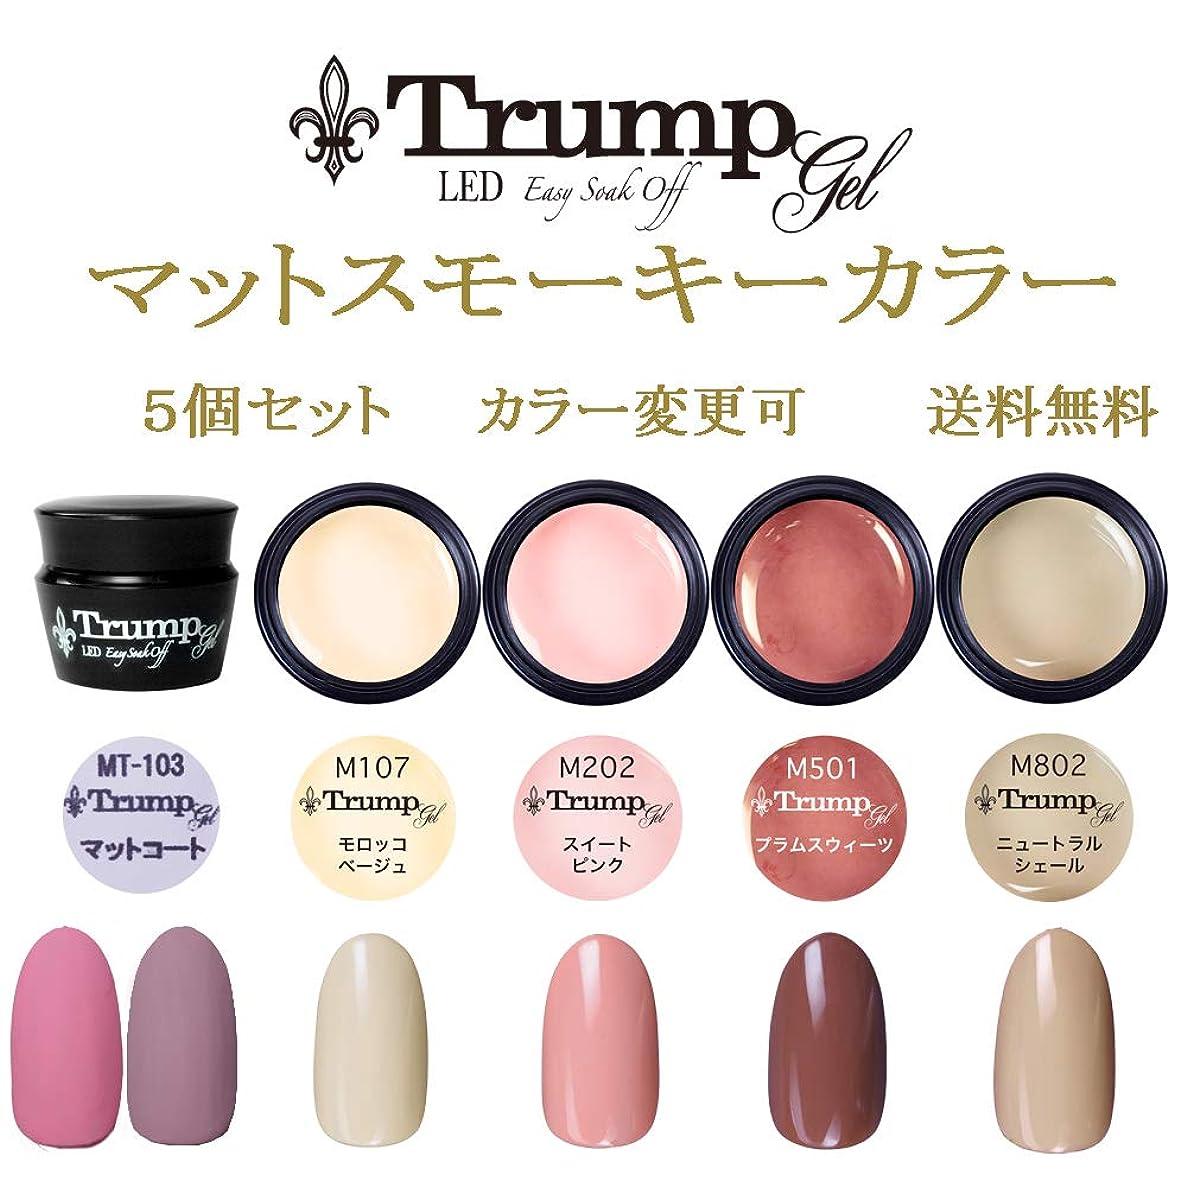 知っているに立ち寄る桁バンドル【送料無料】日本製 Trump gel トランプジェル マットスモーキー カラージェル 5個セット 魅惑のフロストマットトップとマットに合う人気カラーをチョイス